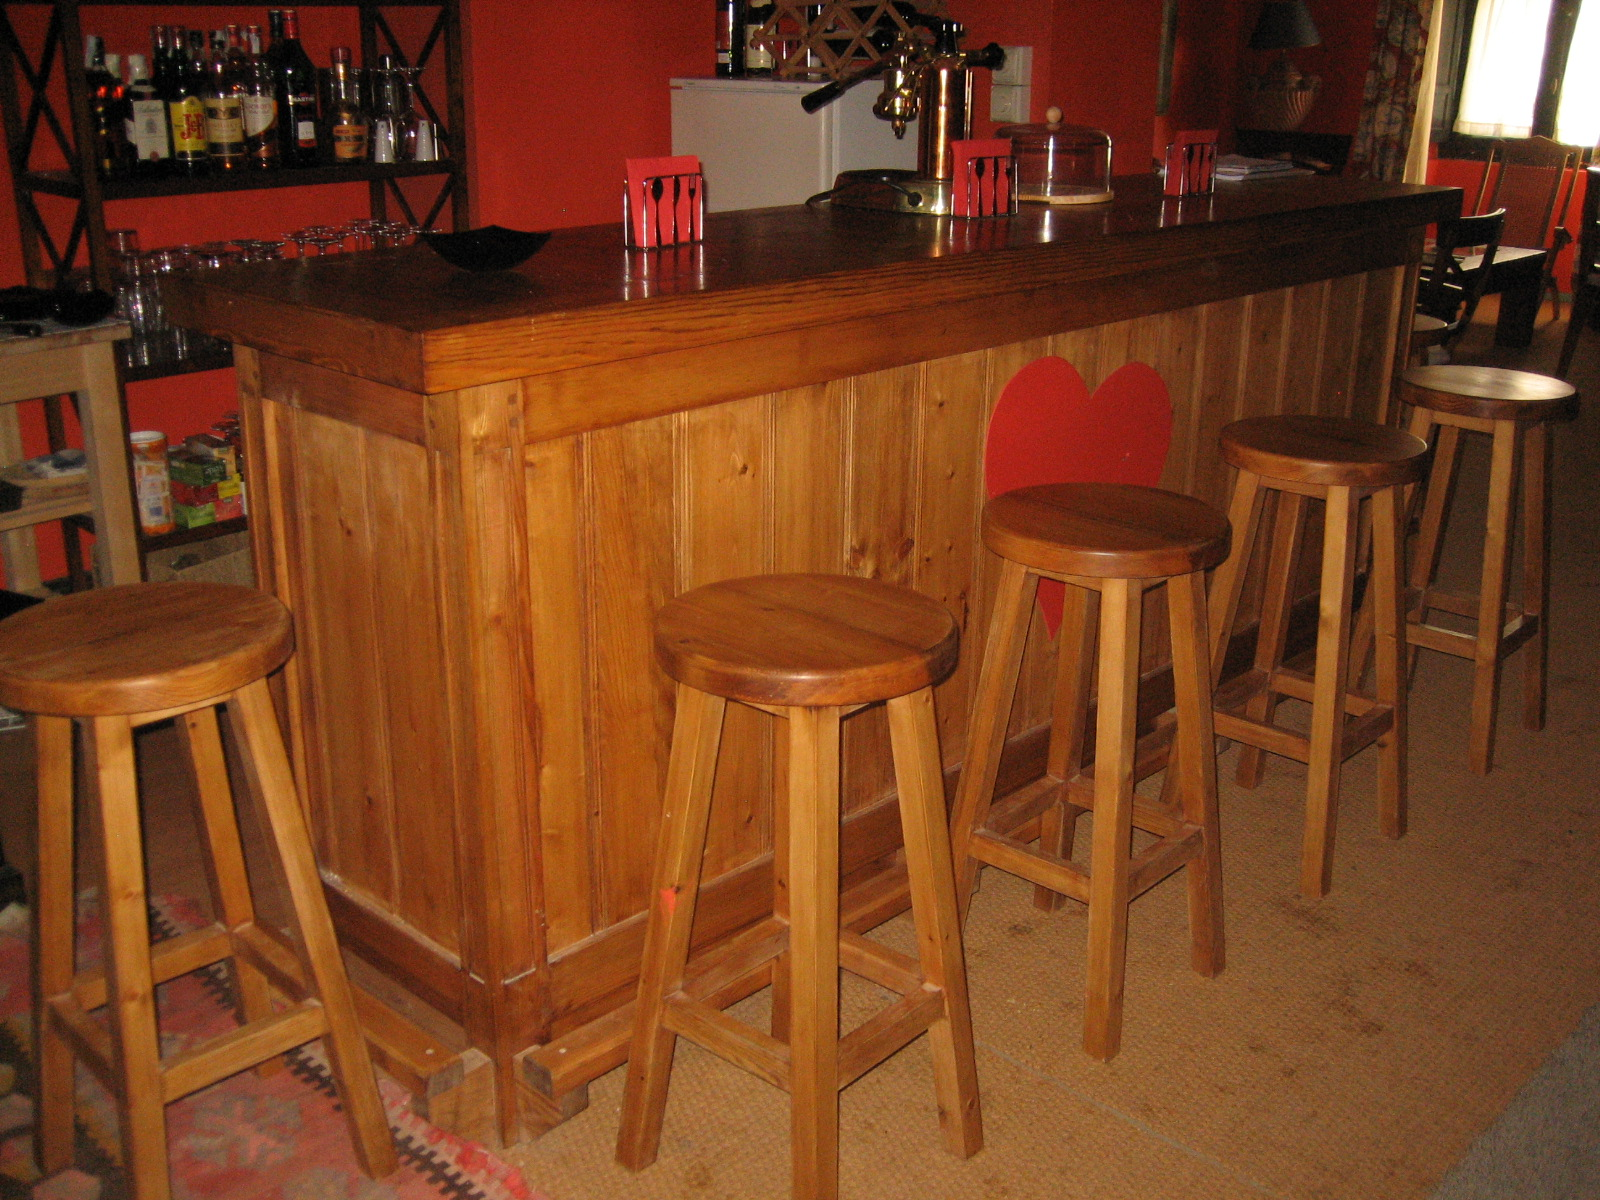 De baresmuebles de la granja muebles de la granja for Bar para casa rustico